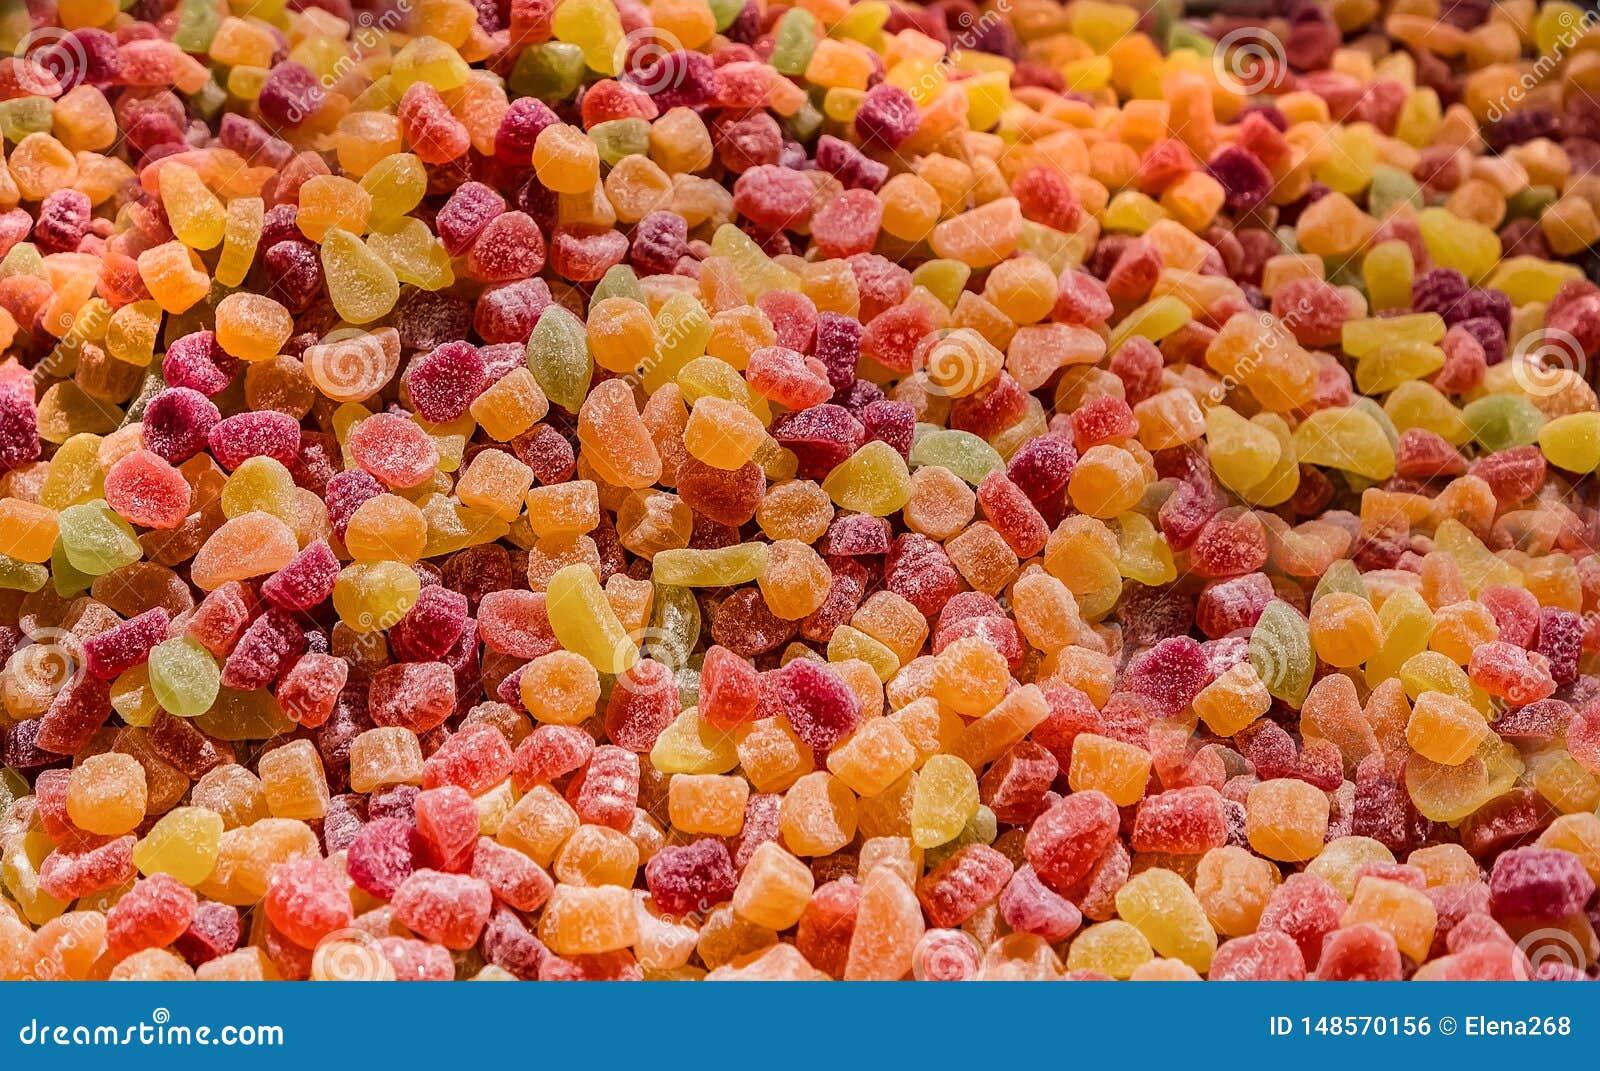 Marmelade colorato dolce della gelatina in un mercato